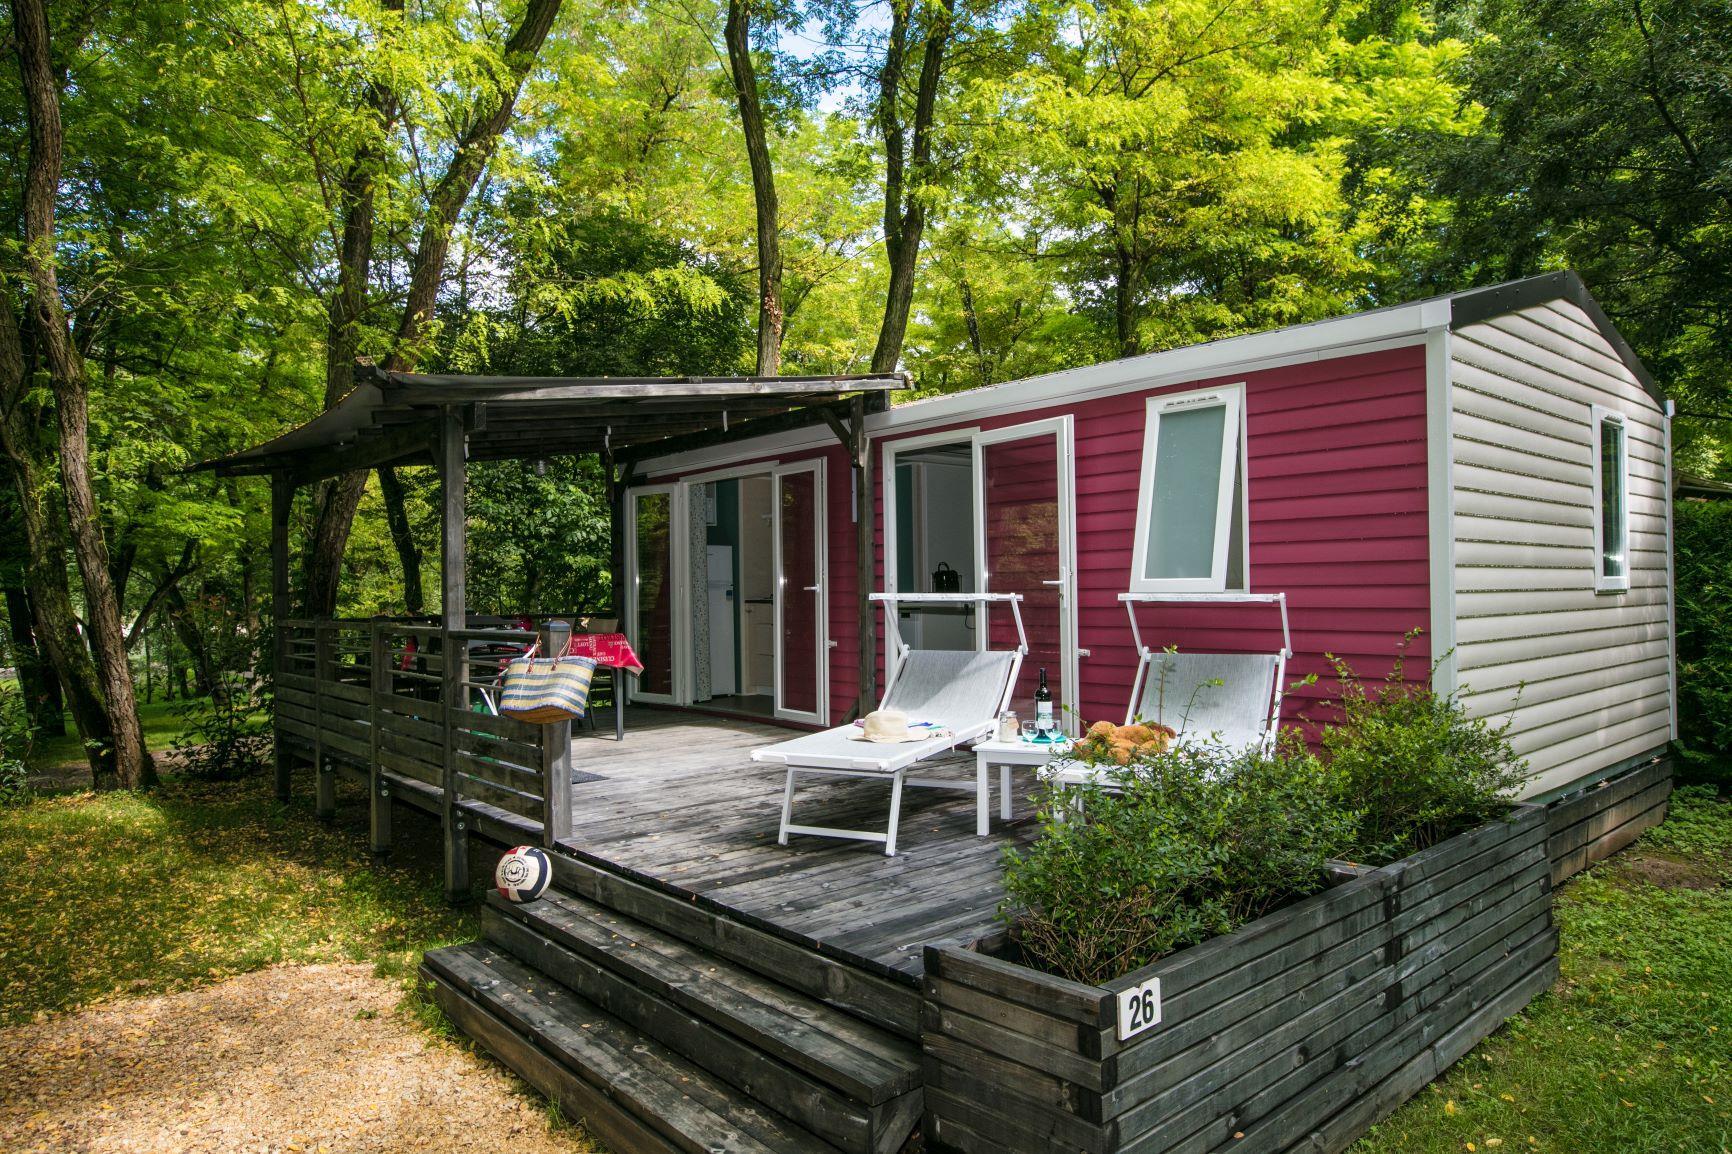 Location - Premium Super Mercure Riviera 2 Chambres  Arrivée Et Départ Dimanche (2) - Camping Laborie